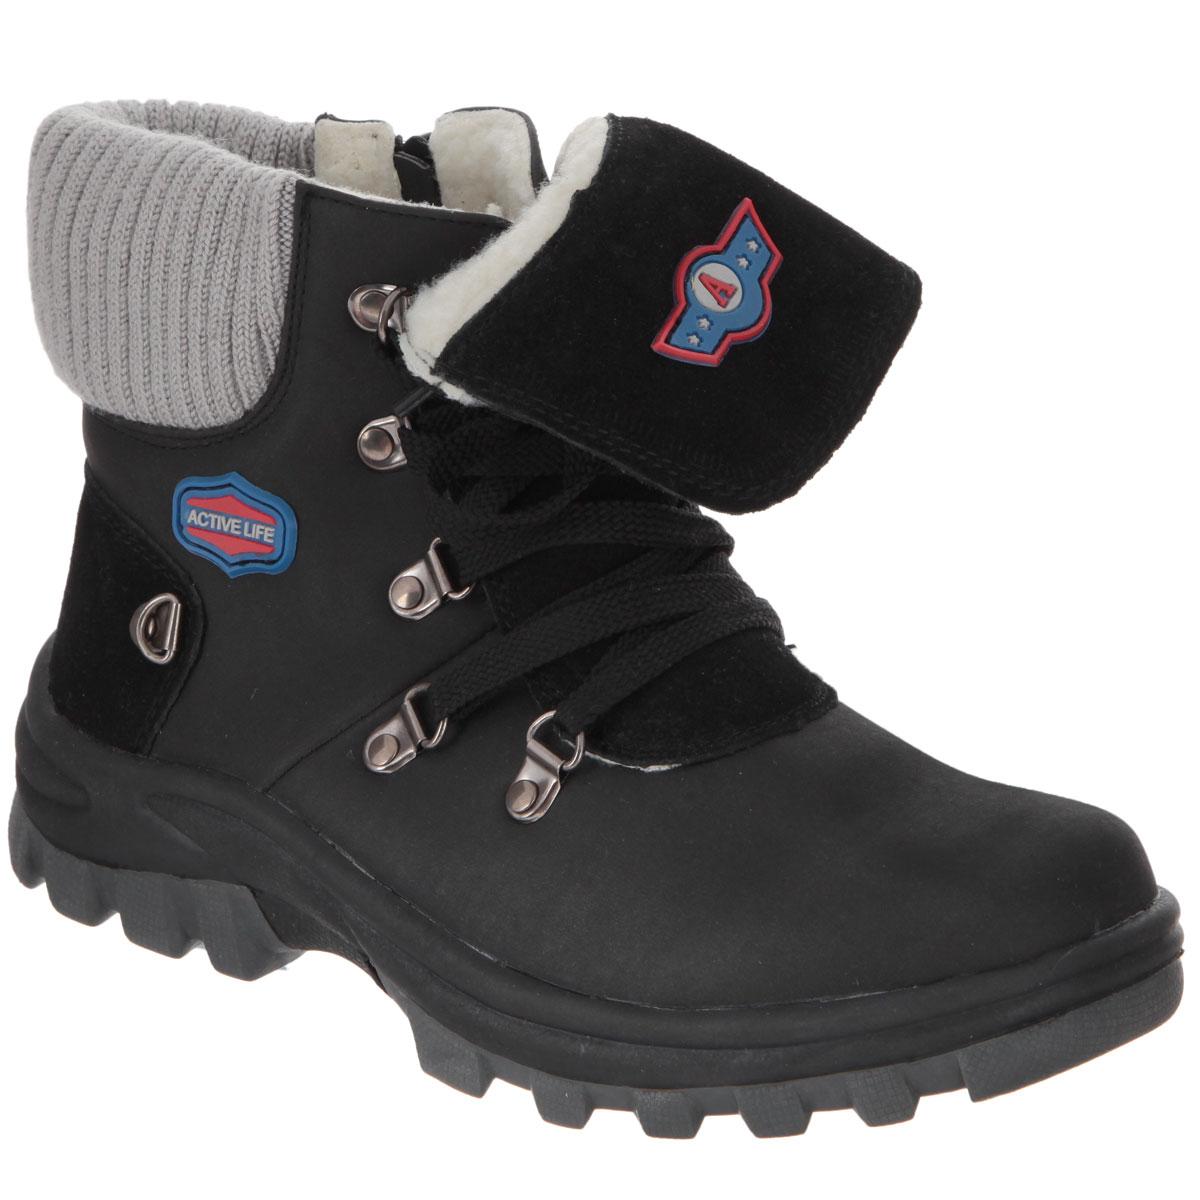 13-361Замечательные детские ботинки для мальчика Аллигаша, изготовленные из современных материалов, идеальны не только для осенне-весеннего сезона, но и для морозных зимних дней. Они обеспечат удобство и комфорт ножкам вашего малыша. Верх выполнен из комбинации высококачественных искусственных материалов. Модель на высокой рифленой подошве с округлым мыском обеспечивает удобство и практичность на каждый день. Удобная пяточная часть укреплена жестким задником. Внутренняя отделка из натуральной шерсти согреет ноги в любое ненастье. Стелька также выполнена из натуральной шерсти. Функциональная застежка-молния сбоку и стильная шнуровка обеспечивают практичность и комфортную фиксацию модели на ноге. Рифленая прорезиненная подошва гарантирует естественное движение ноги и прекрасное сцепление на любой поверхности. Оформлена модель металлическими клепками, а также прорезиненными вставками. В таких ботиночках ножкам вашего ребенка всегда будет комфортно, уютно и тепло!